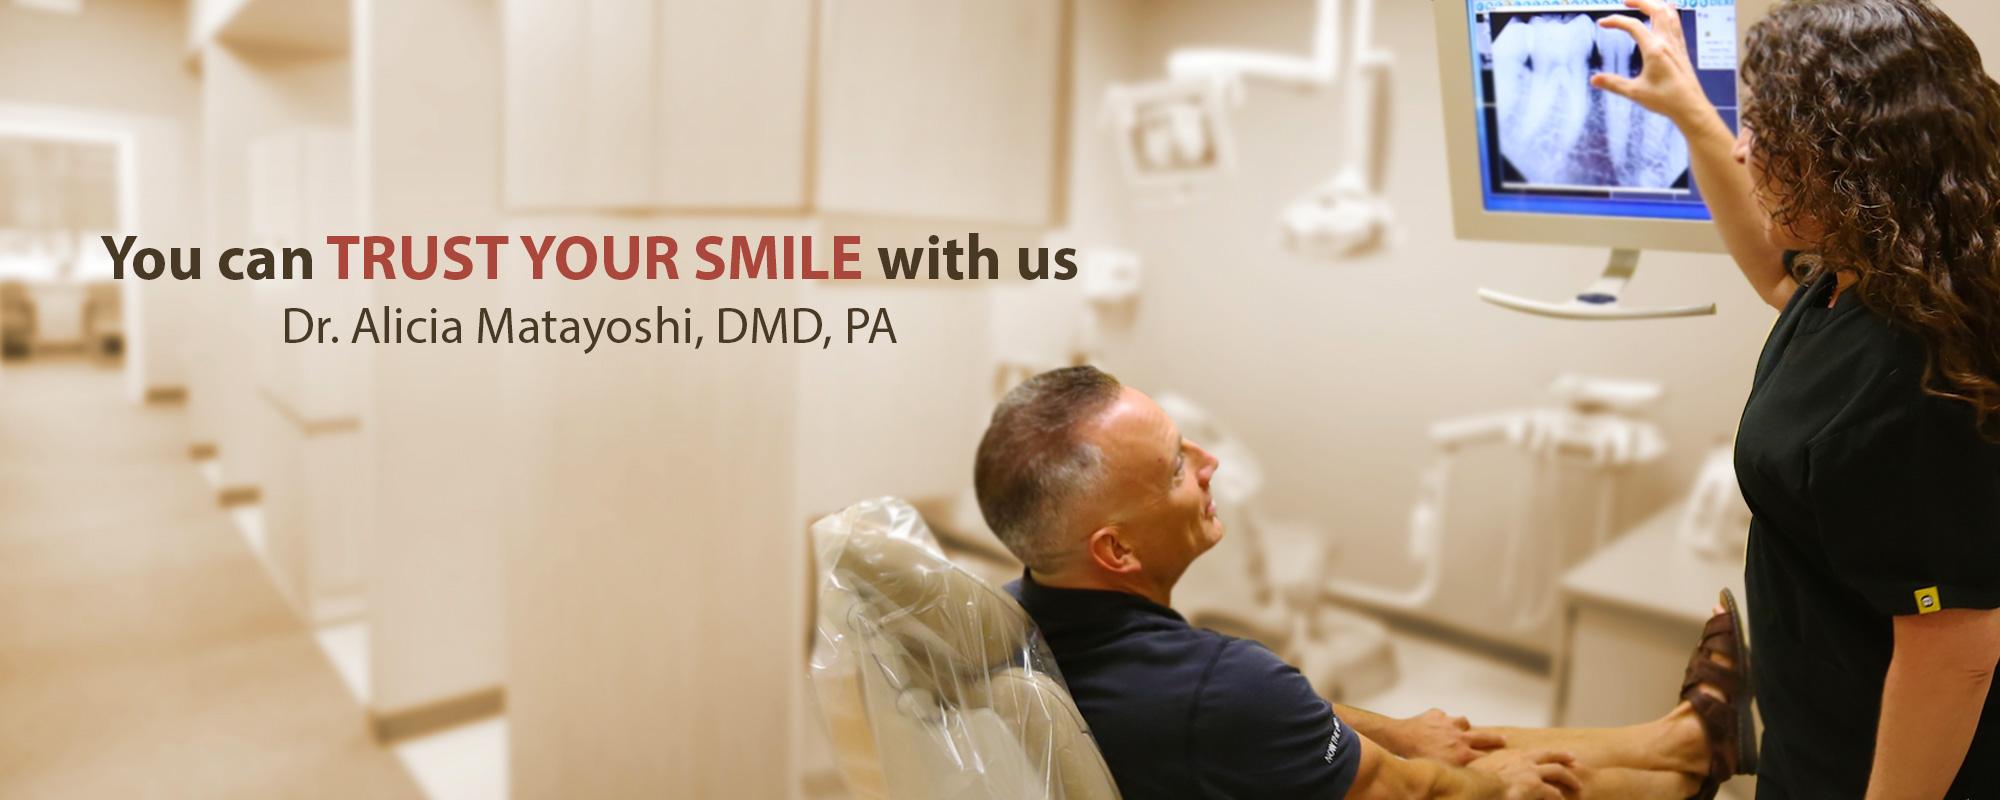 jax-dentistry-banner-4